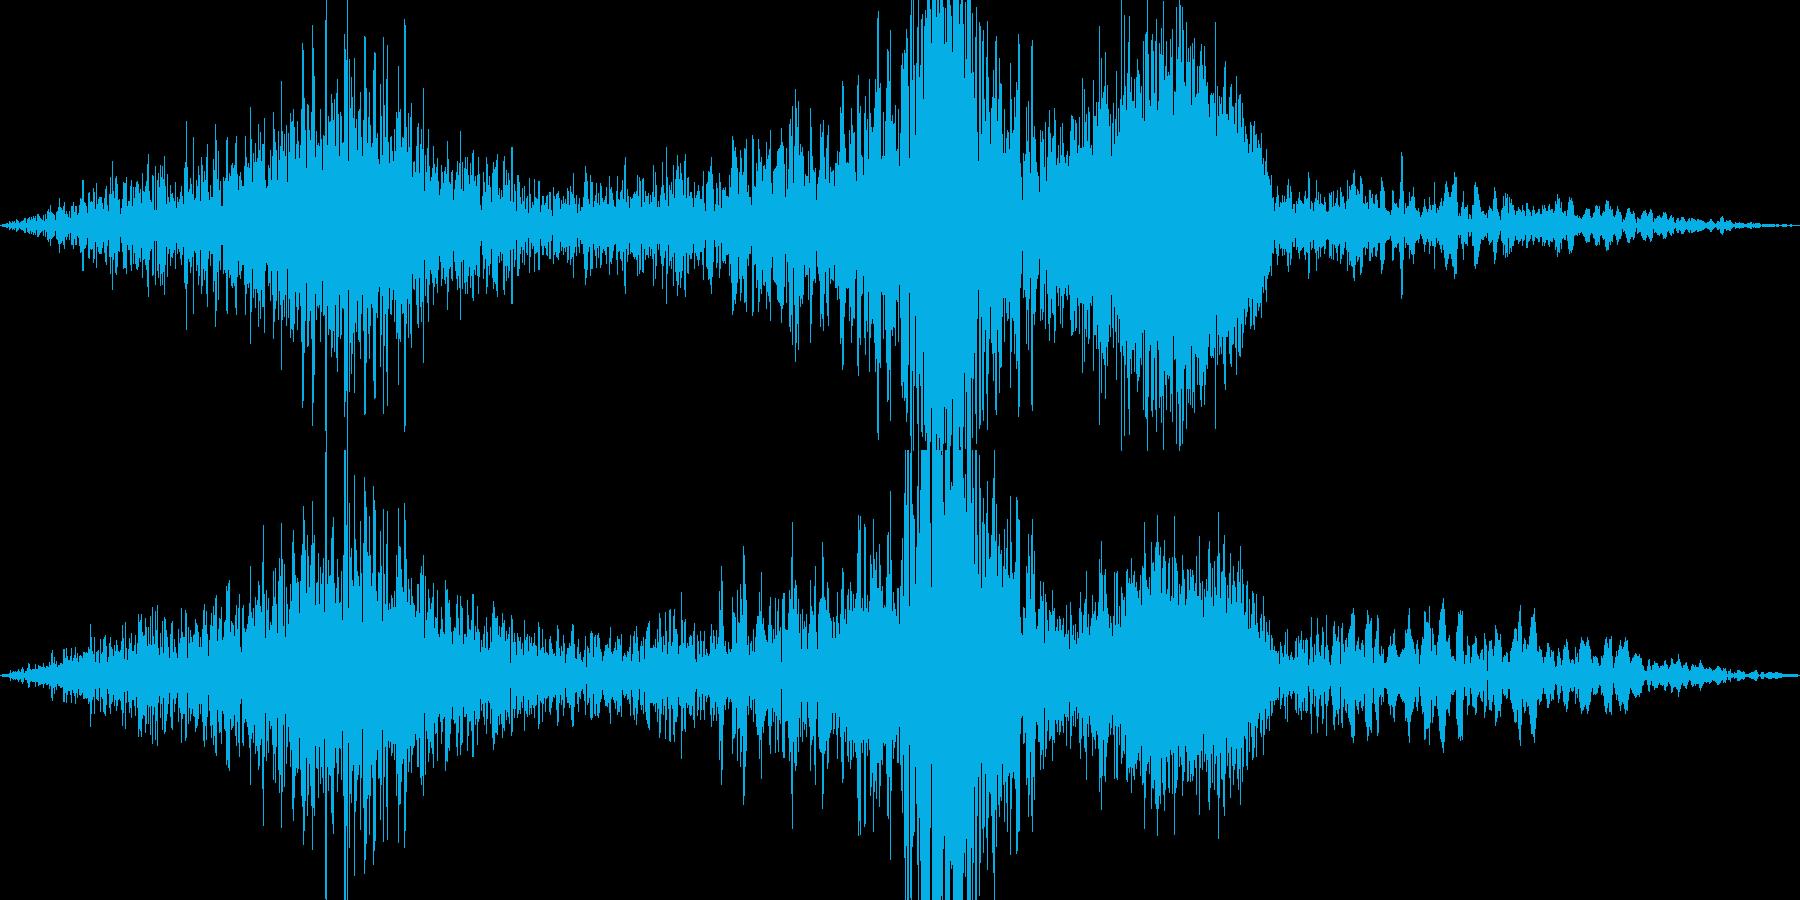 「ヒュー ヒュルヒュル ヒューン」の再生済みの波形